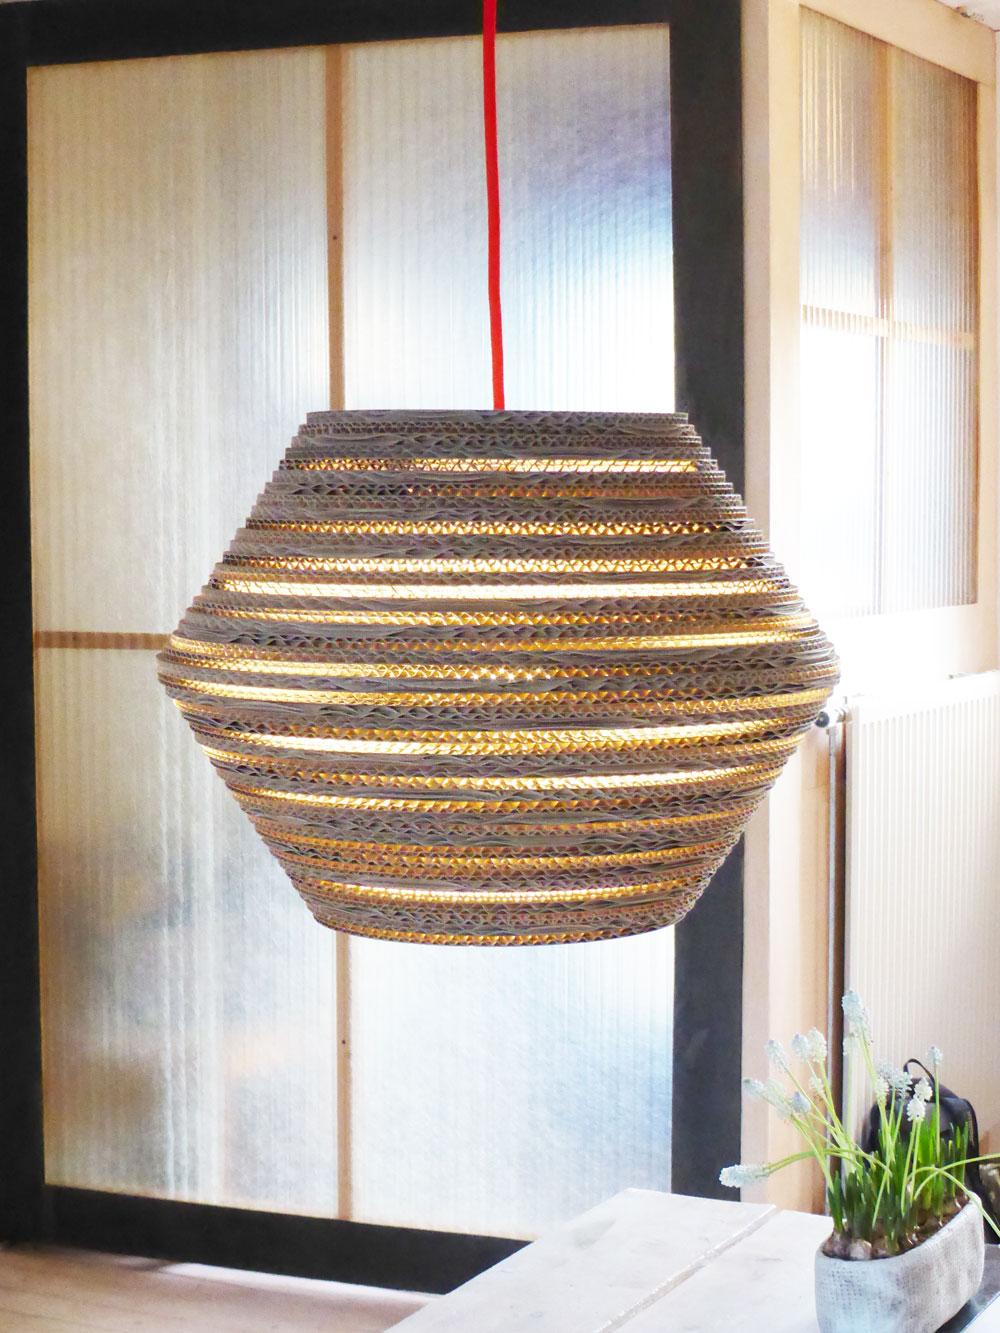 luuuxoo-kartonnen-hanglamp-ombo-zij